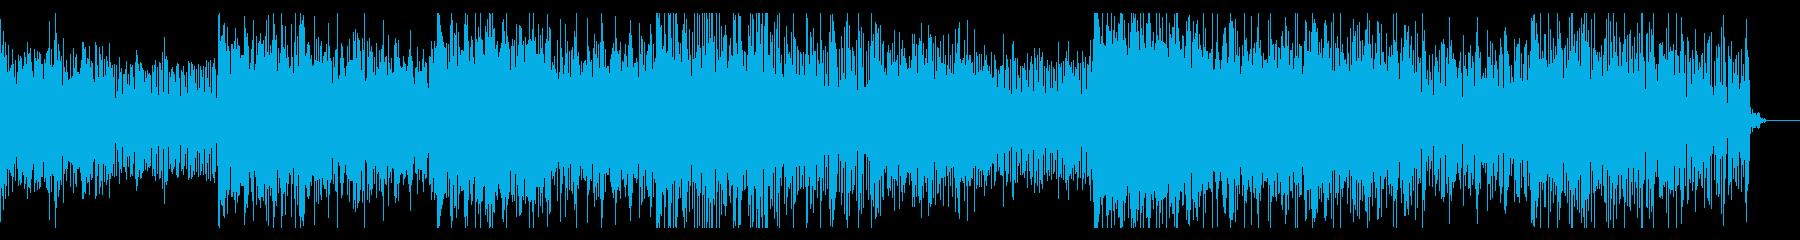 ノイジーなテクスチャIDMの再生済みの波形